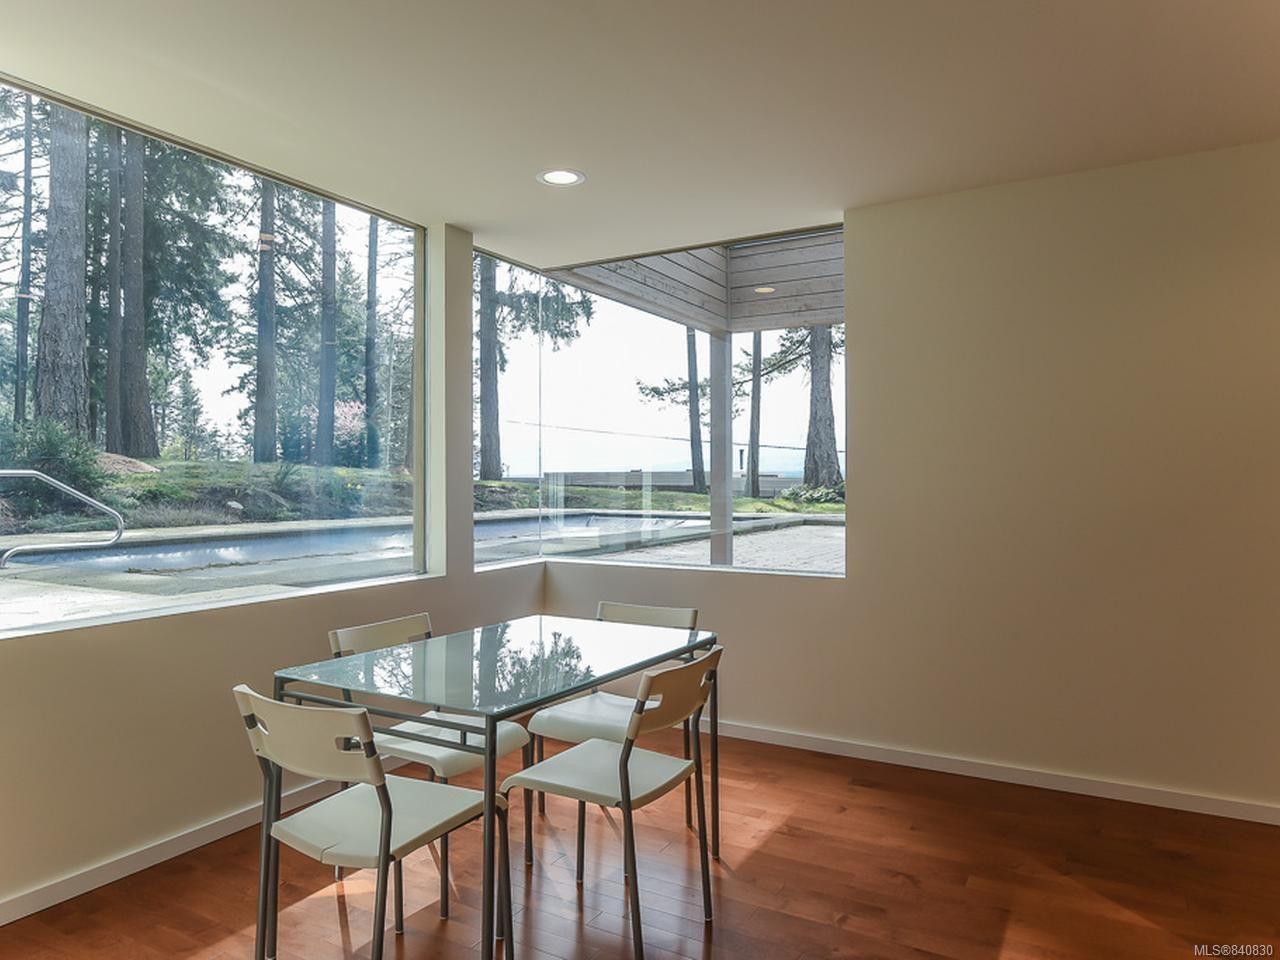 Photo 14: Photos: 1156 Moore Rd in COMOX: CV Comox Peninsula House for sale (Comox Valley)  : MLS®# 840830